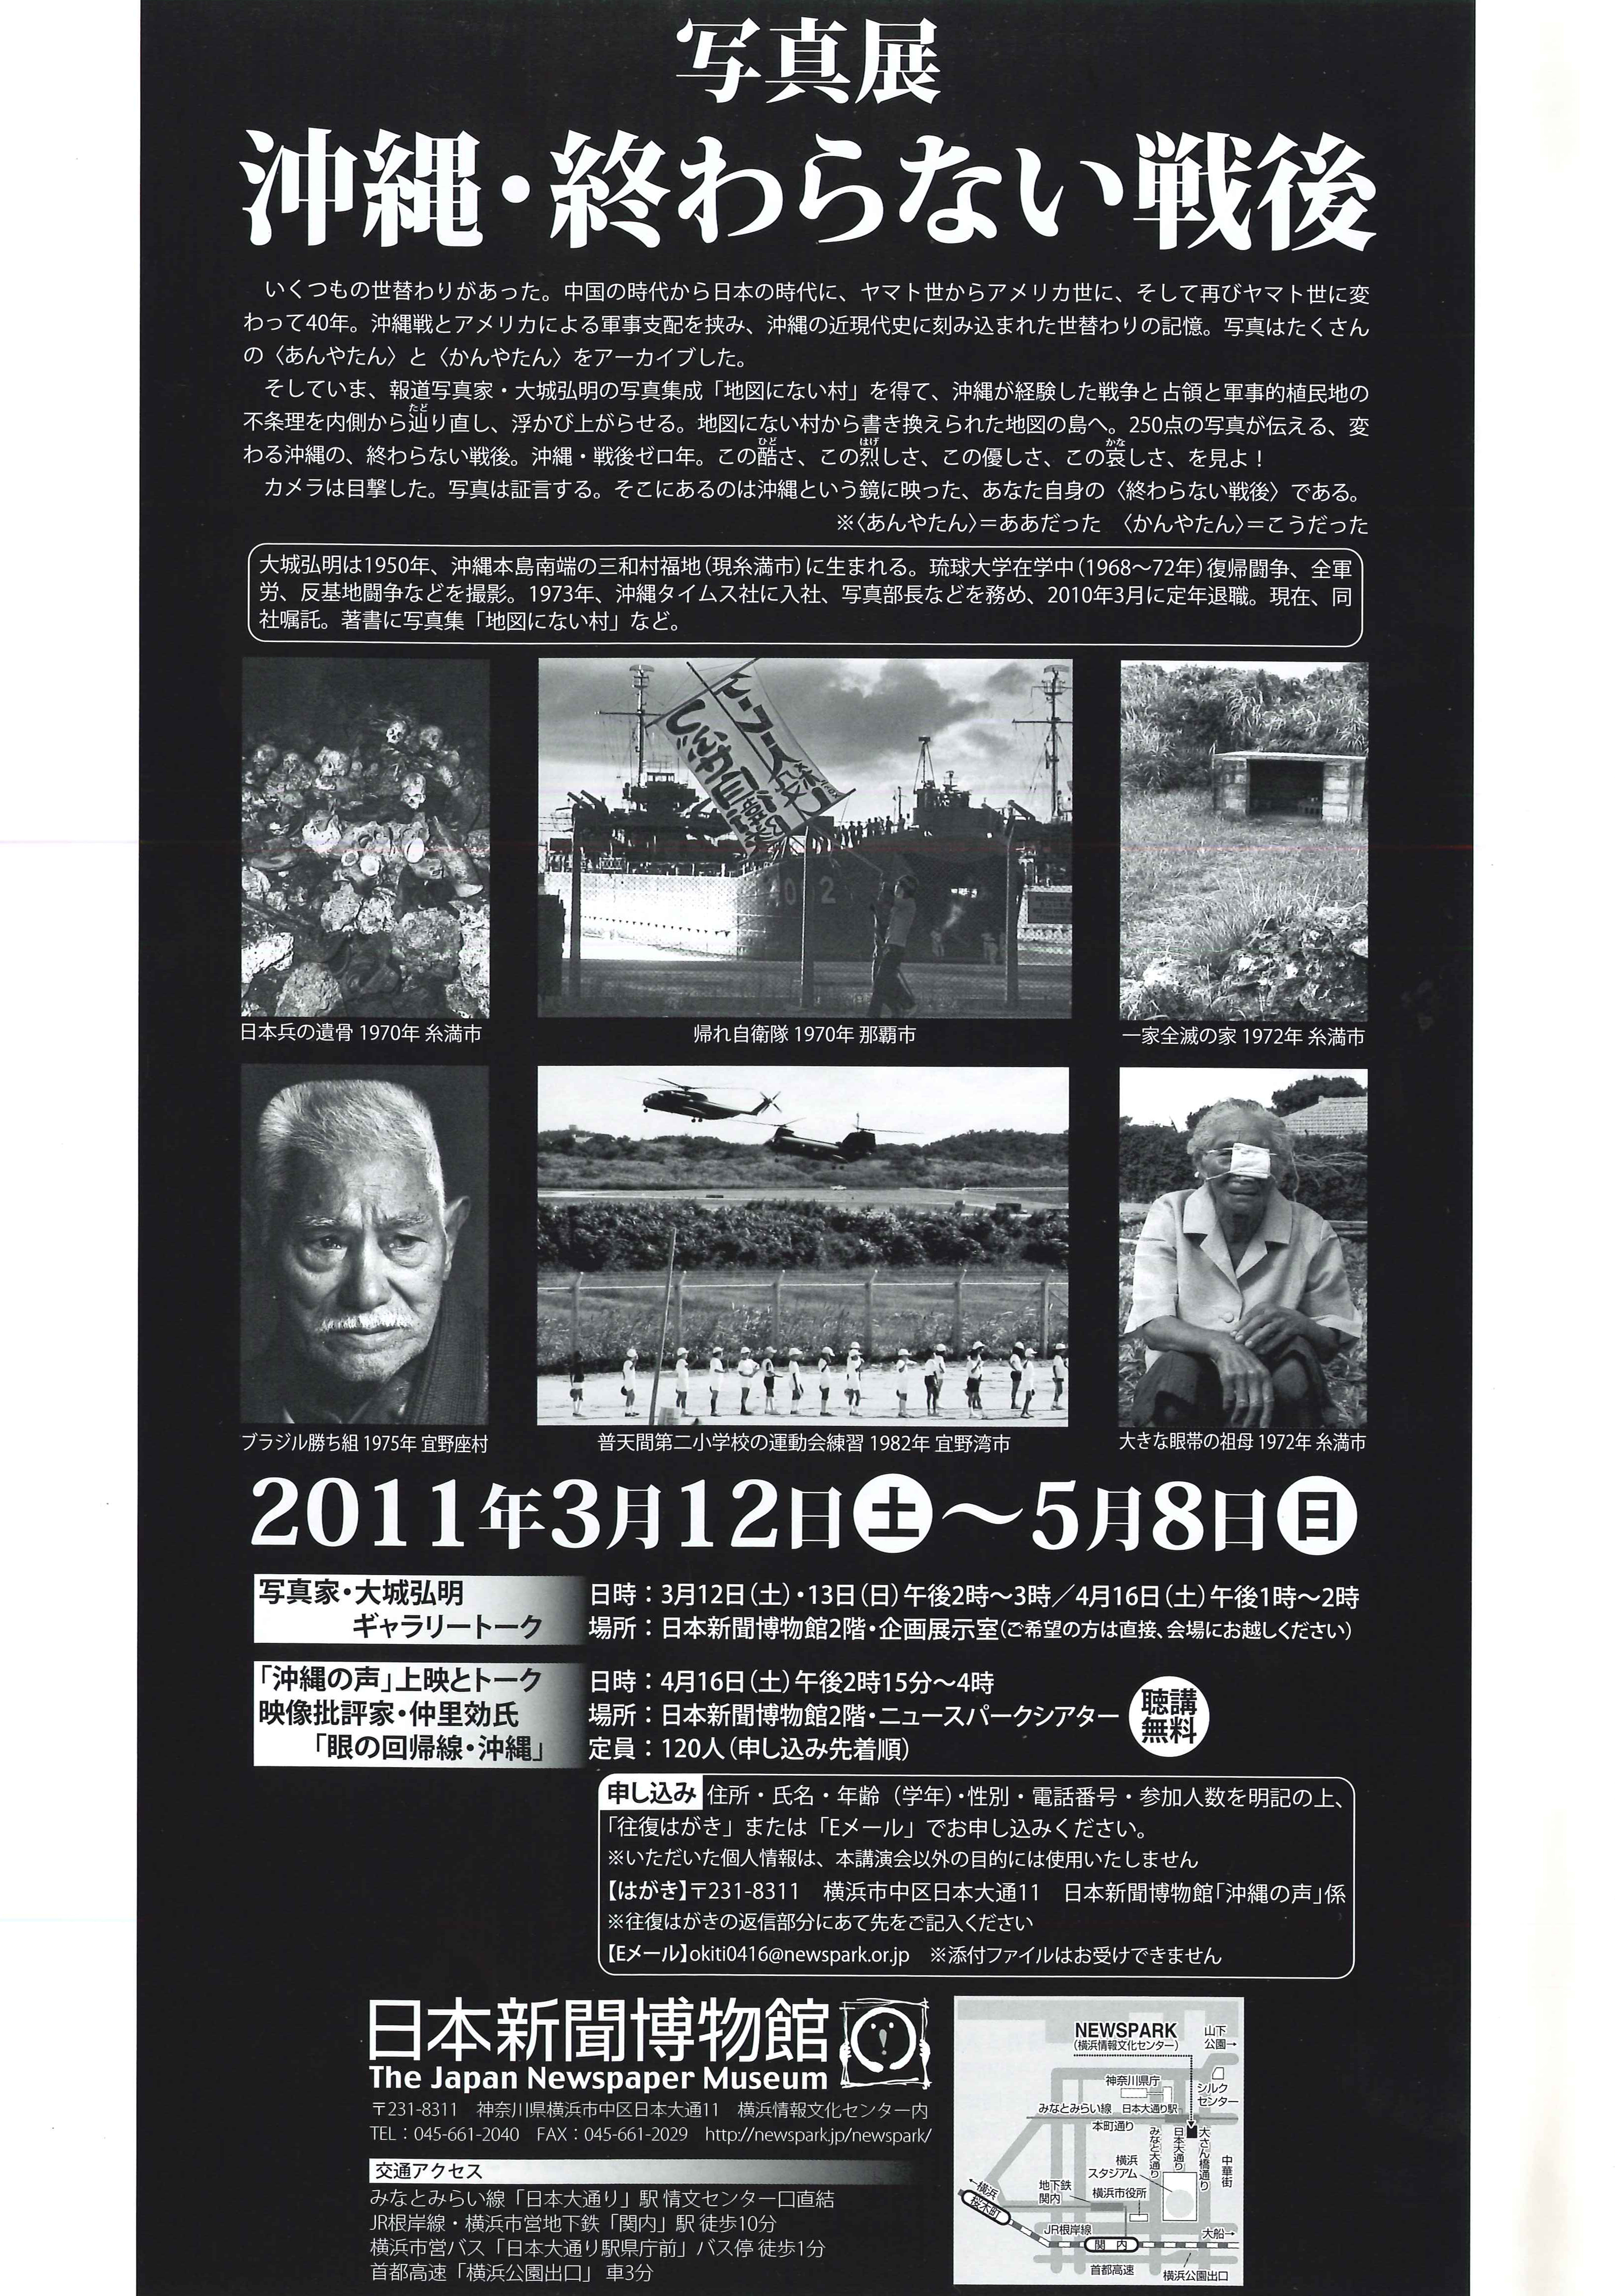 http://www.miraisha.co.jp/topics/2011/20110223174514298_0002.jpg